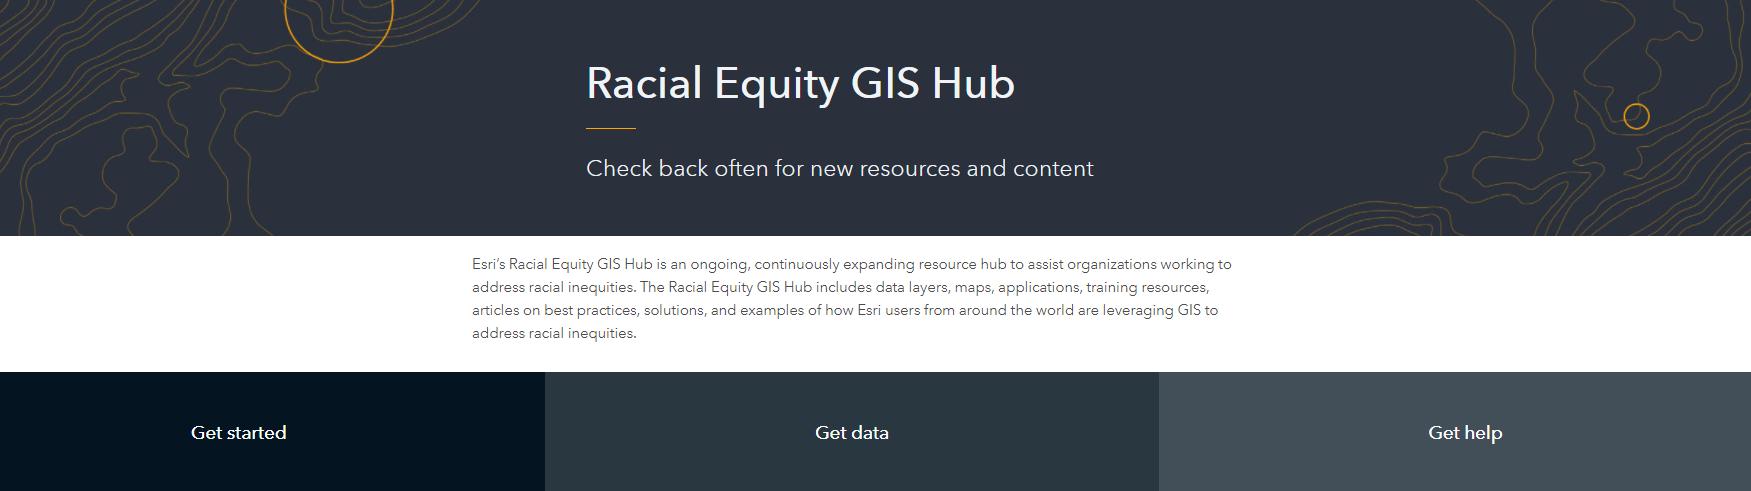 Racial Equity GIS Hub